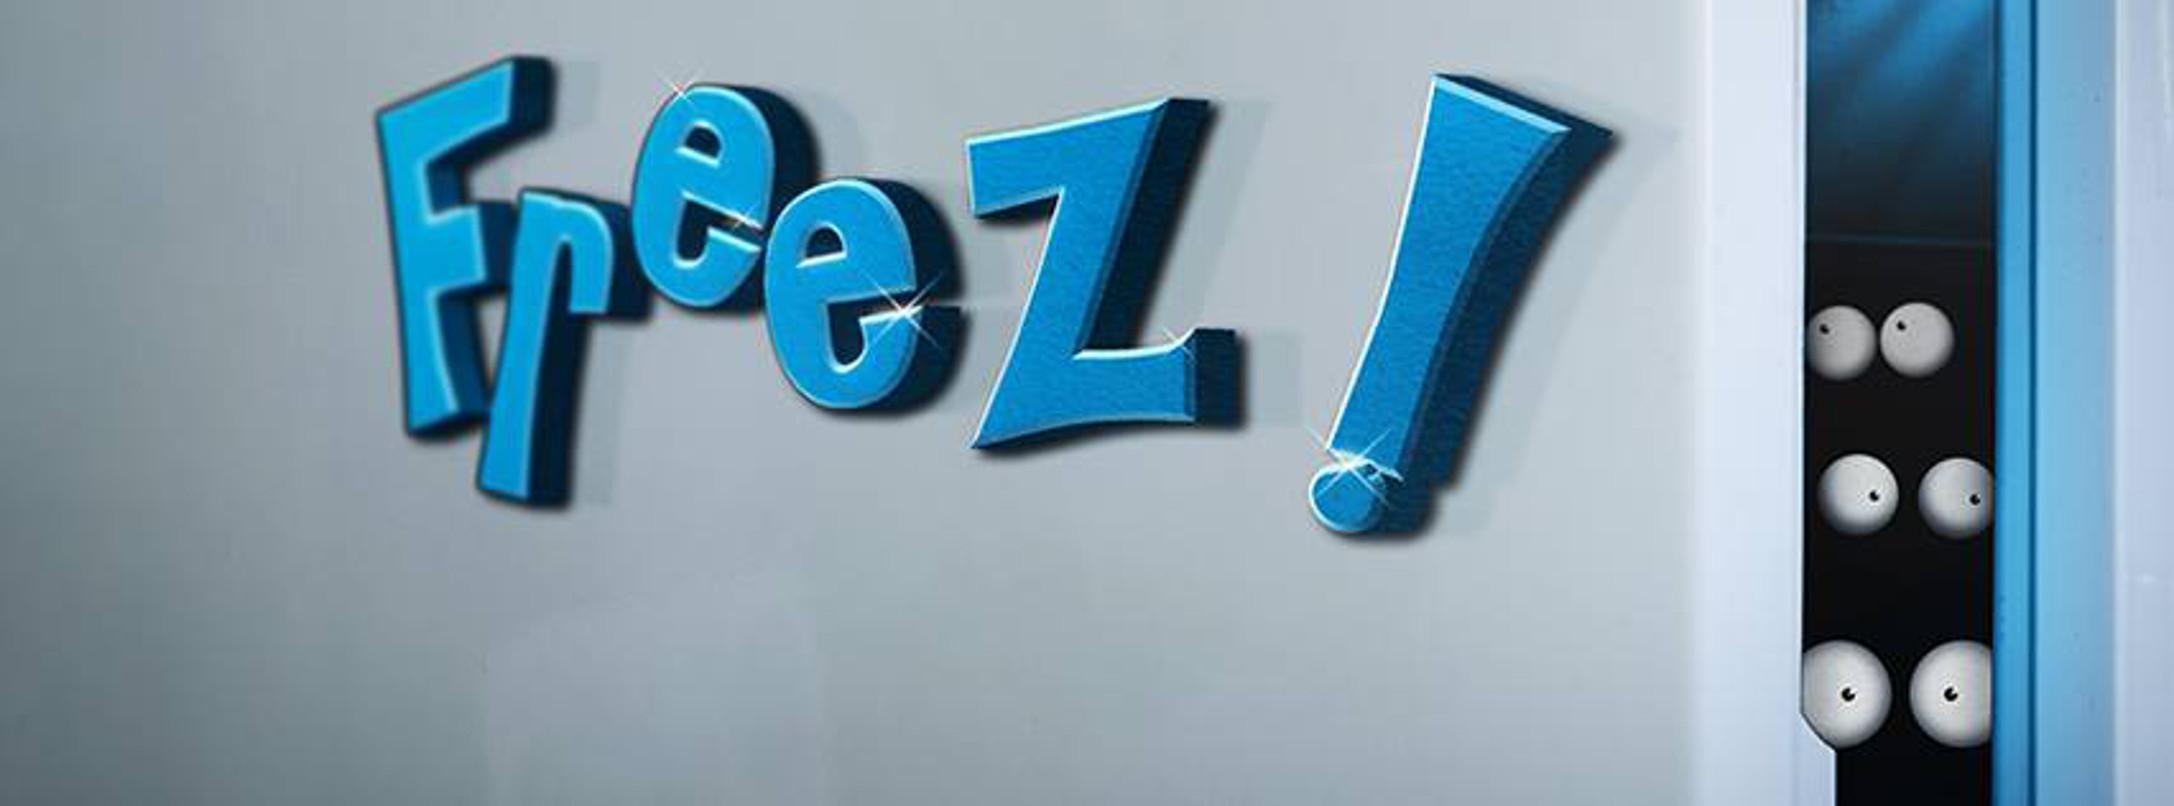 Freez!